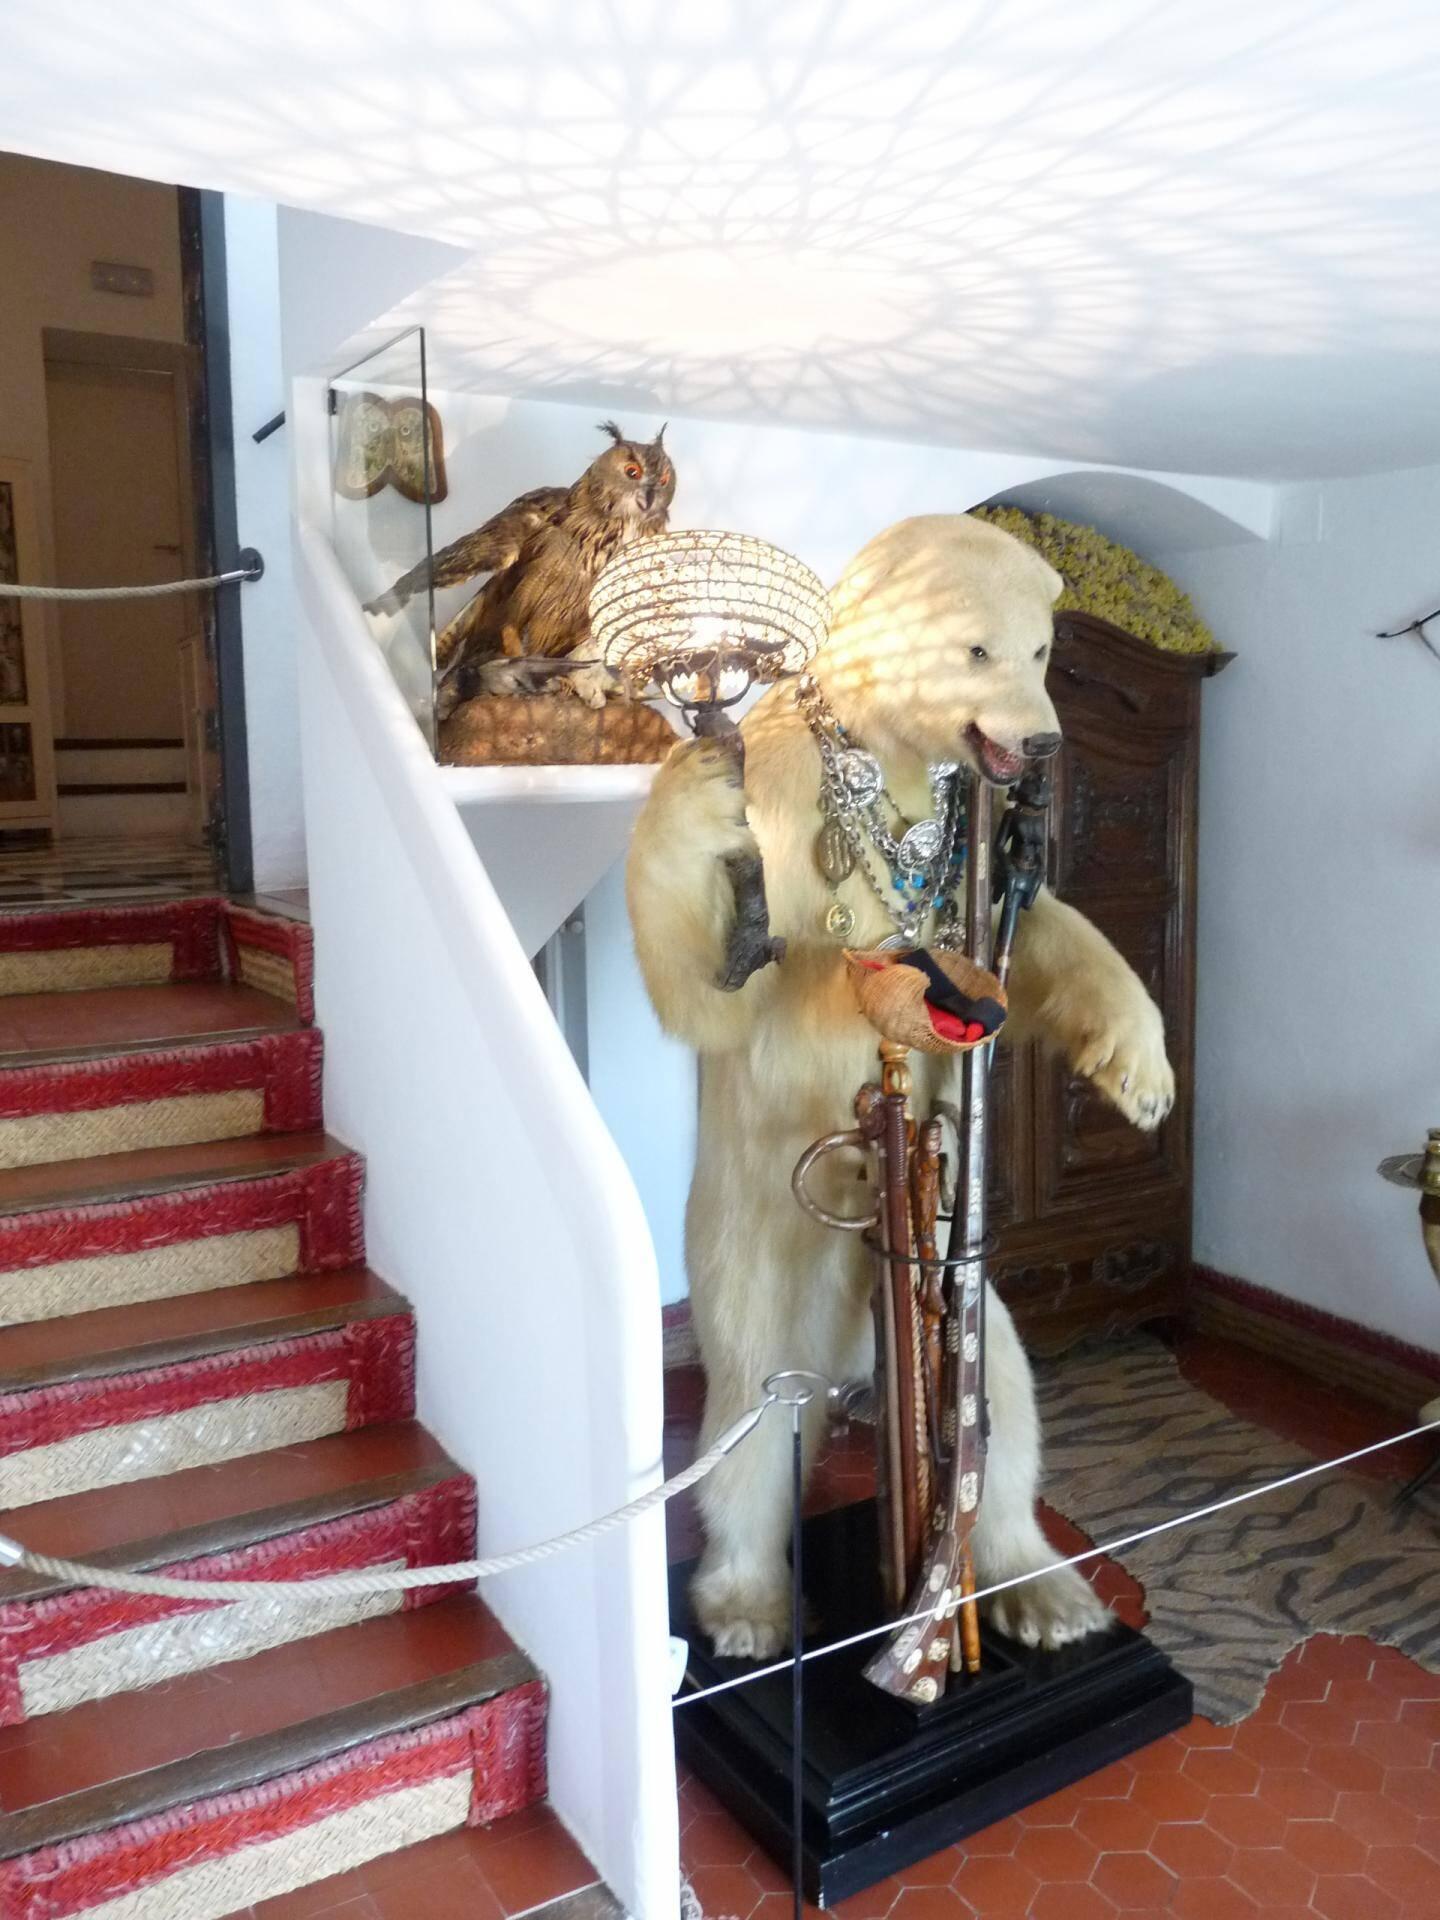 L'ours customisé qui accueille les visiteurs.